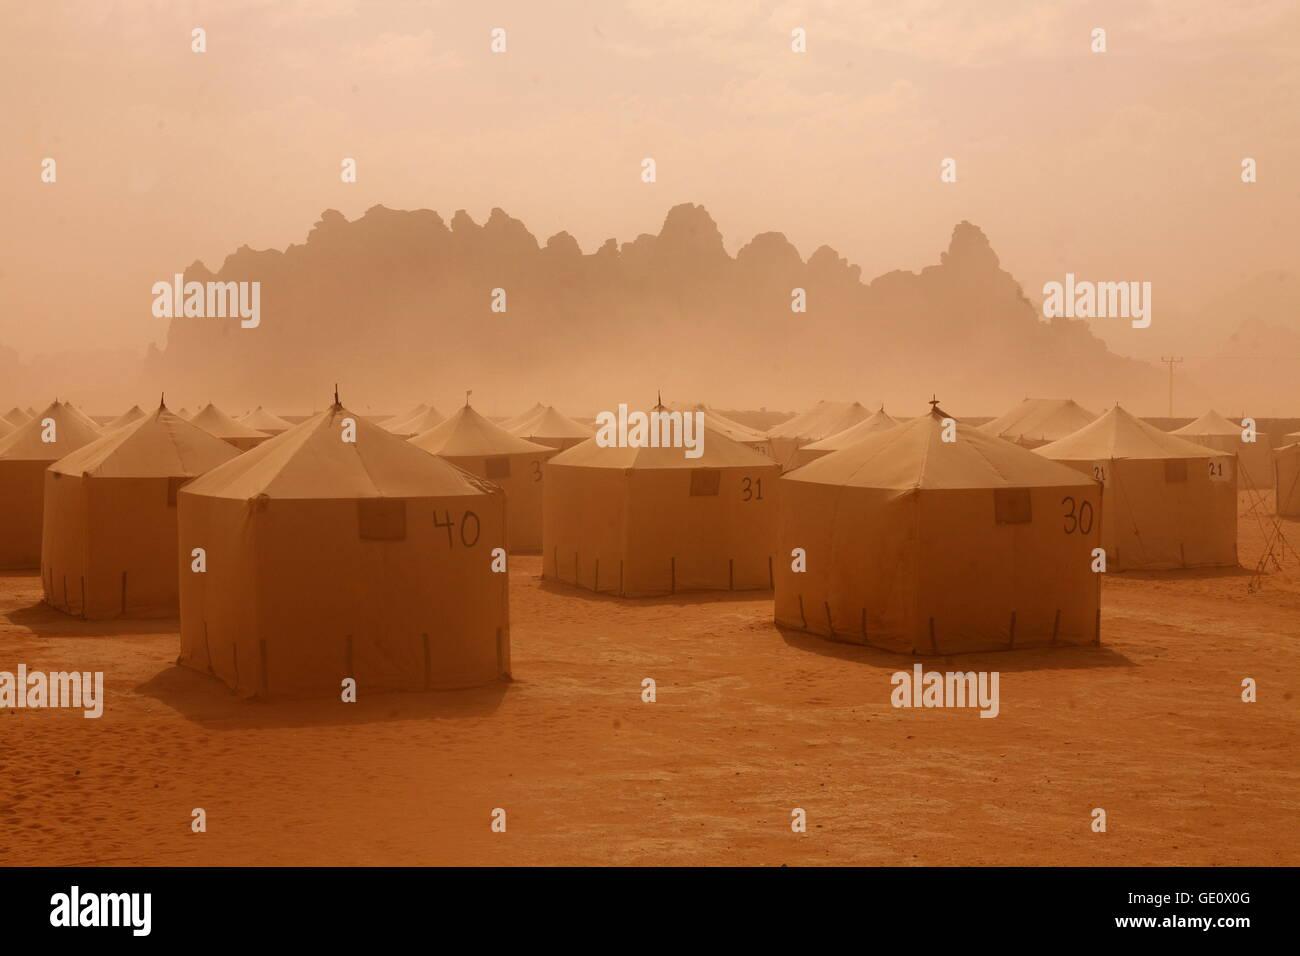 ein Sandsturm in der Landschaft der Wüste Wadi Rum in Jordanien im Nahen Osten. Stockbild